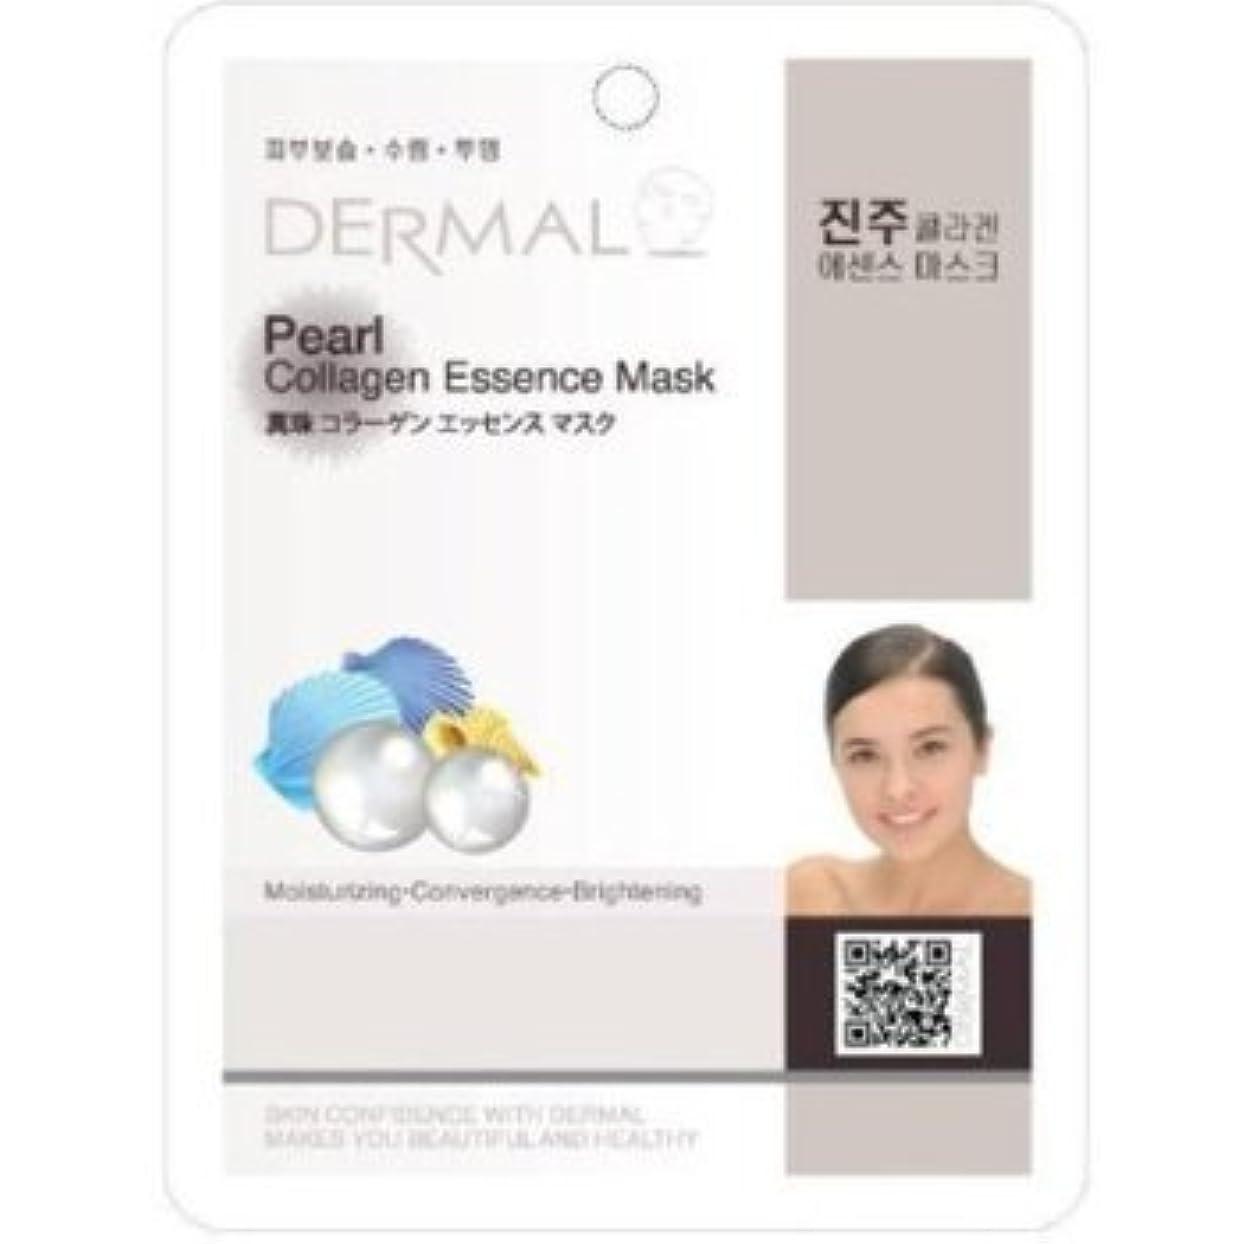 表現ボリュームアレキサンダーグラハムベルDermal Korea Collagen Essence Full Face Facial Mask Sheet - Pearl (100 pcs, 1box)